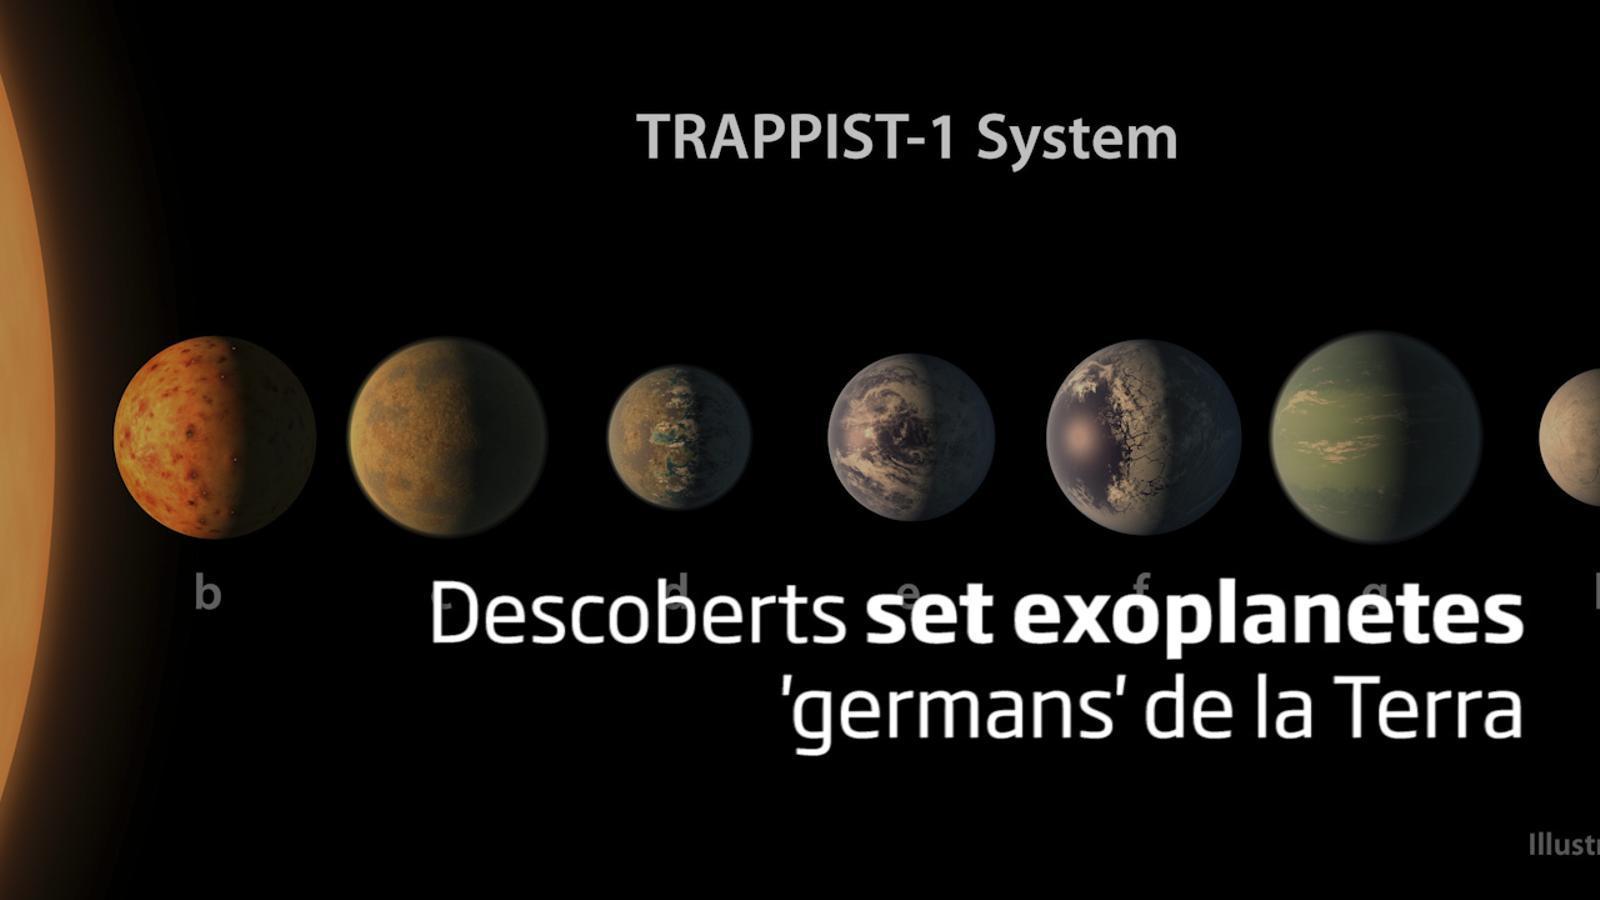 Descoberts set exoplanetes 'germans' de la Terra